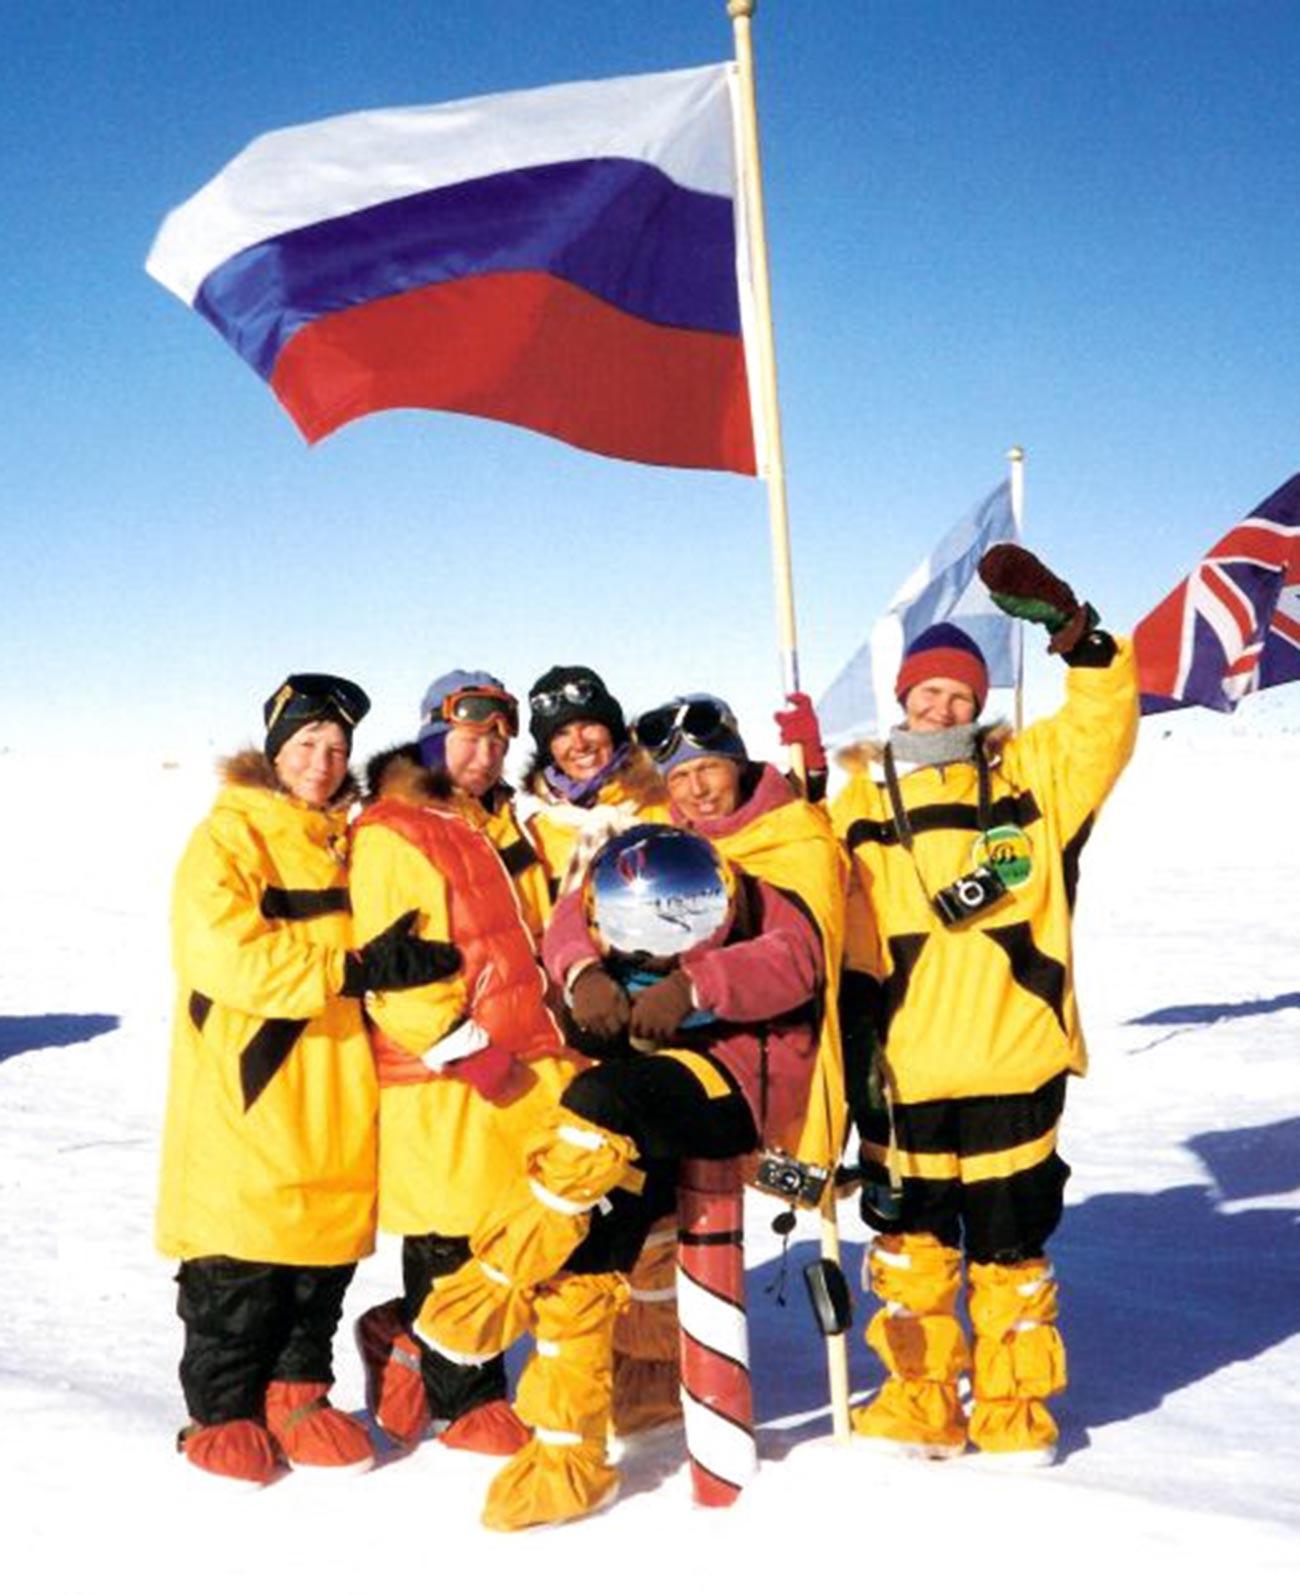 Membres de Metelitsa au pôle sud